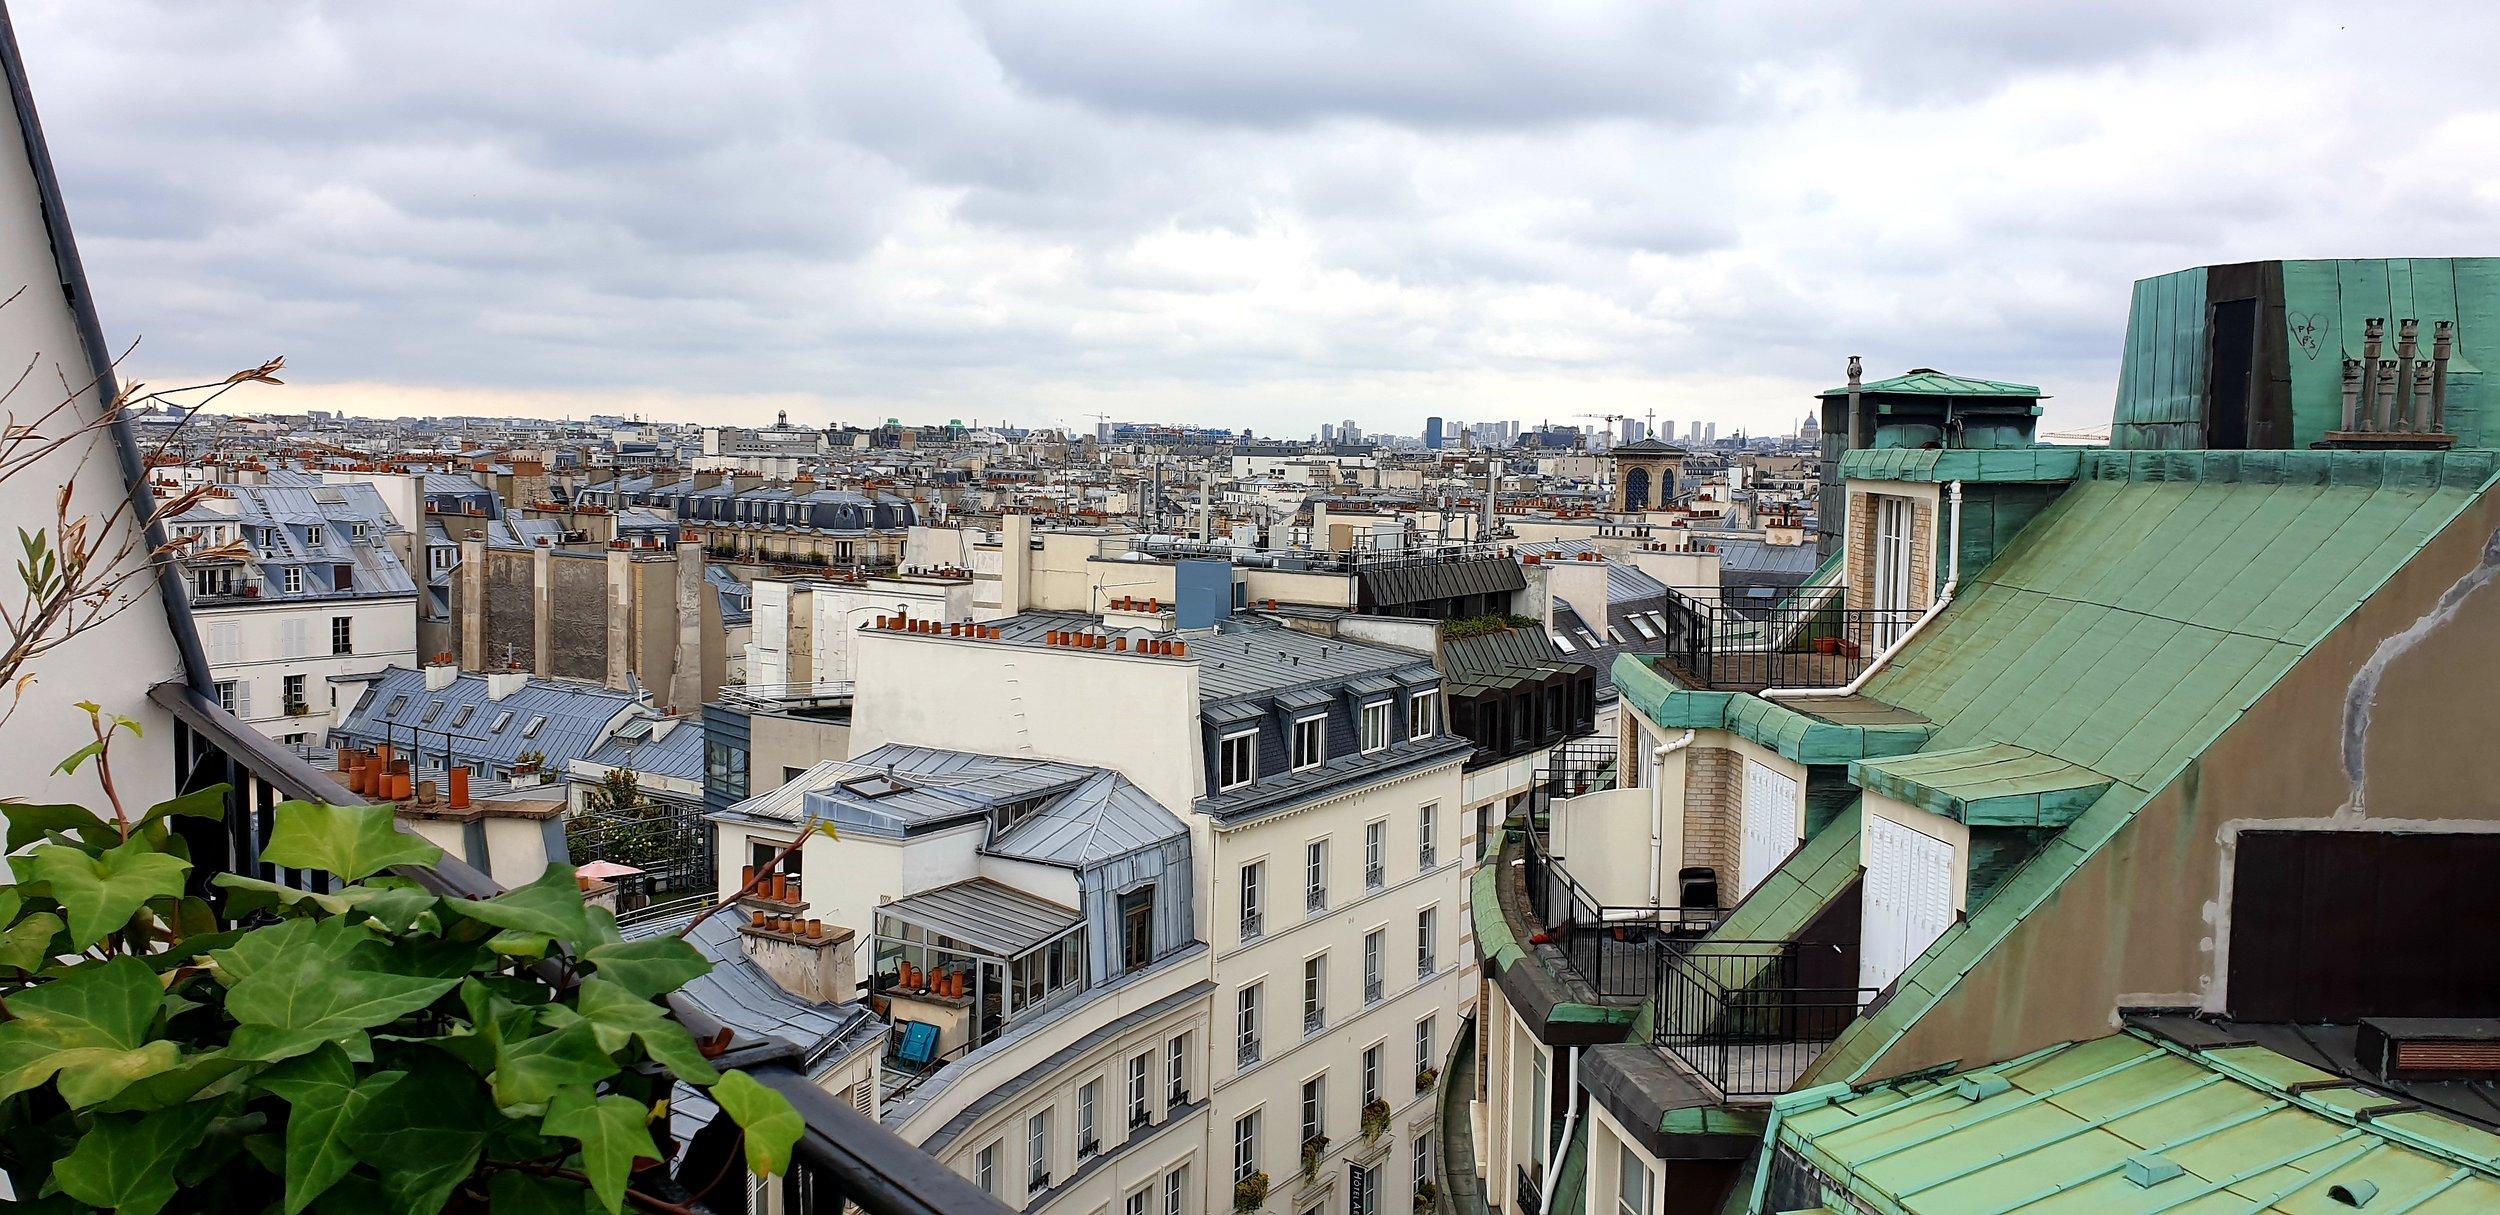 """Utsikten fra terrassen """"vår"""" i Montmartre gir følelsen av å bo i Paris."""